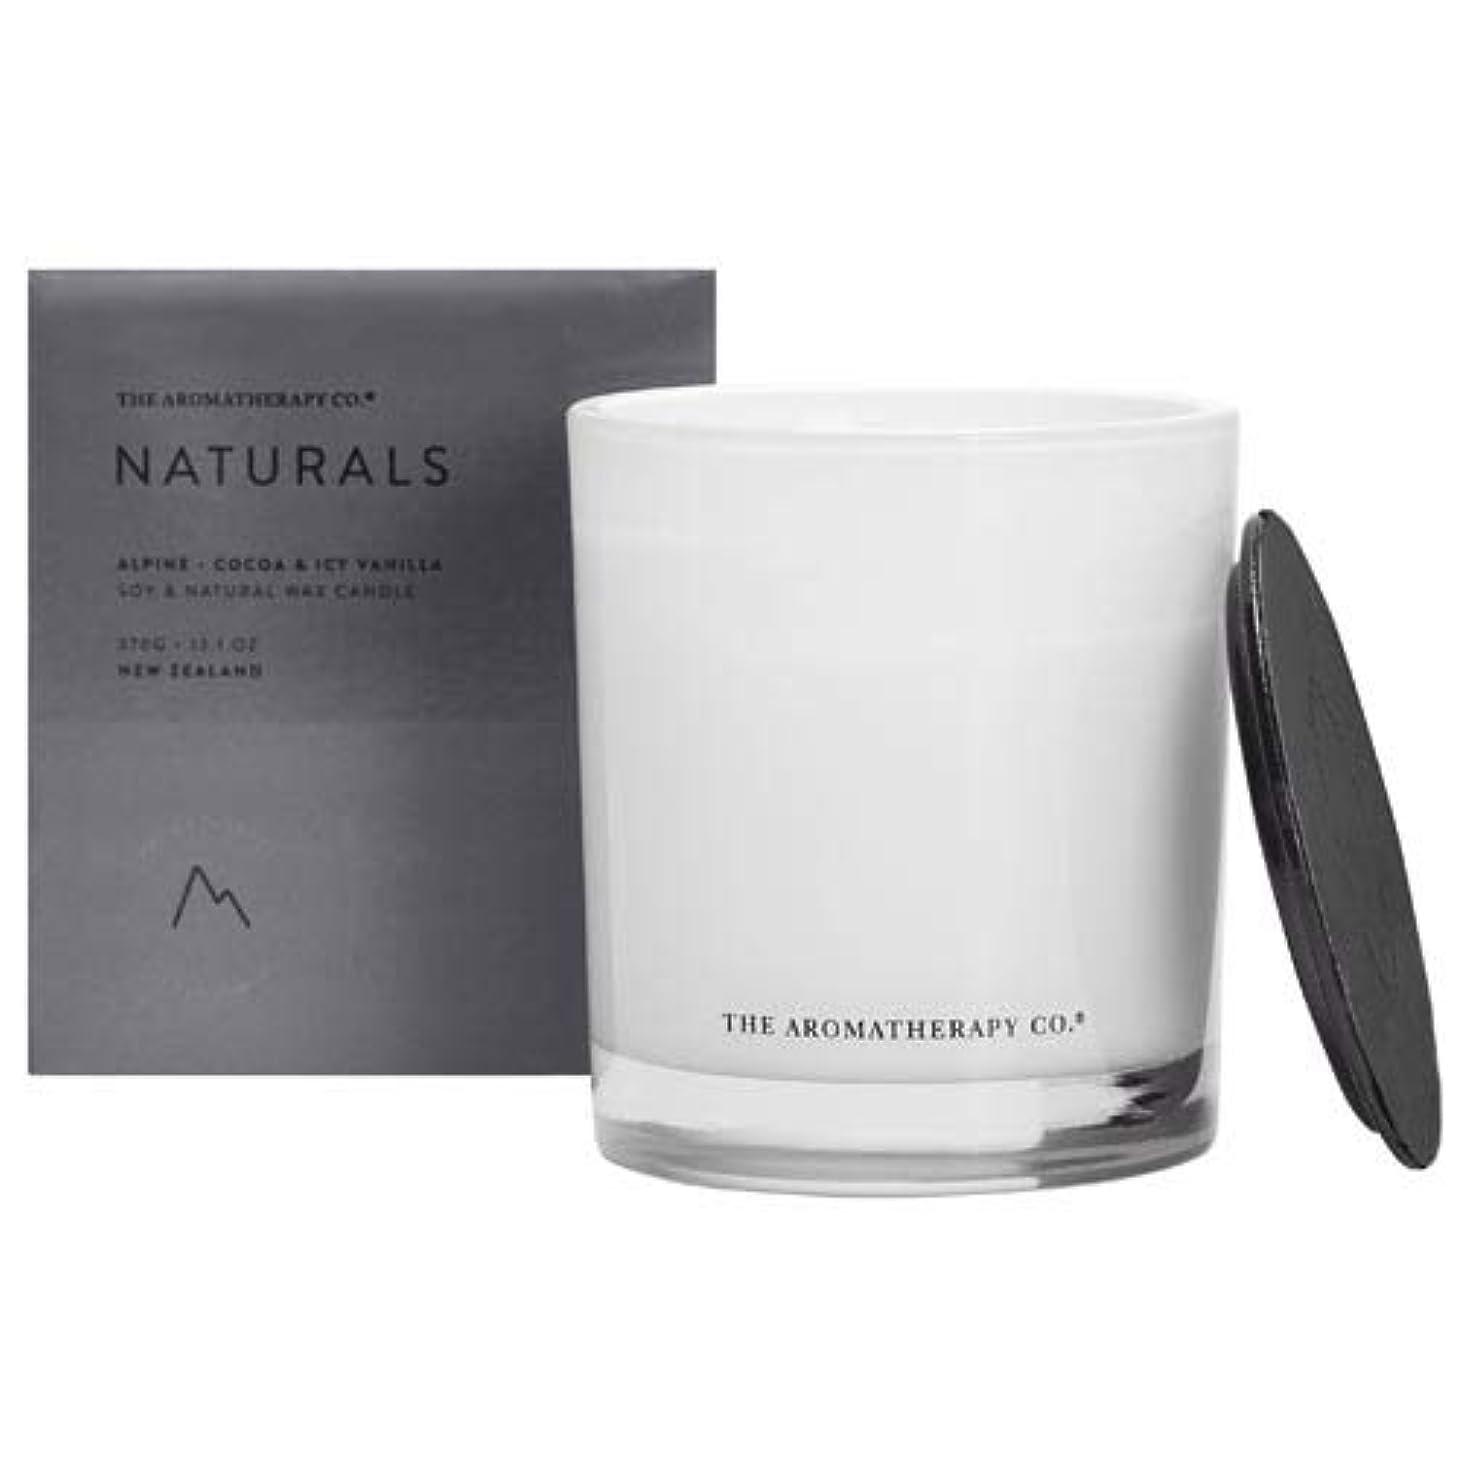 不利益兄シーフードアロマセラピーカンパニー(Aromatherapy Company) new NATURALS ナチュラルズ Candle キャンドル Alpine アルパイン(山) Cocoa & Icy Vanilla ココア&アイシーバニラ